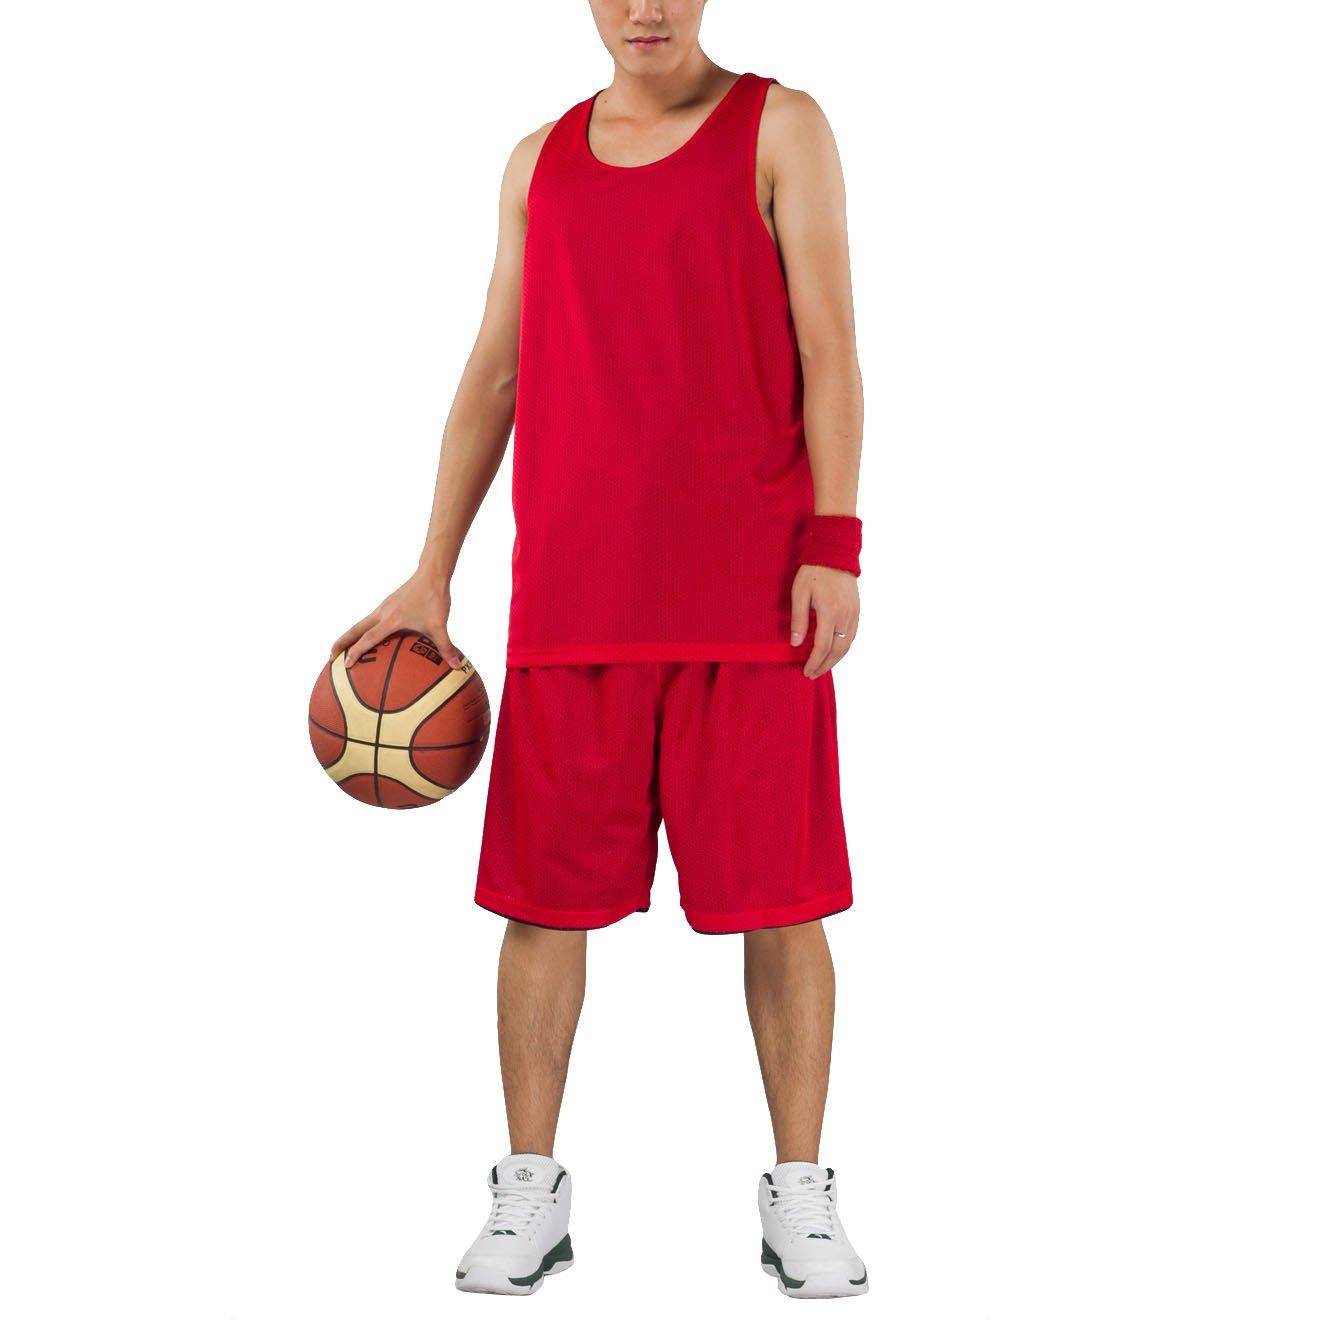 Hoerev Cortos de Baloncesto Deportes Reversible de los Hombres sin Bolsillos